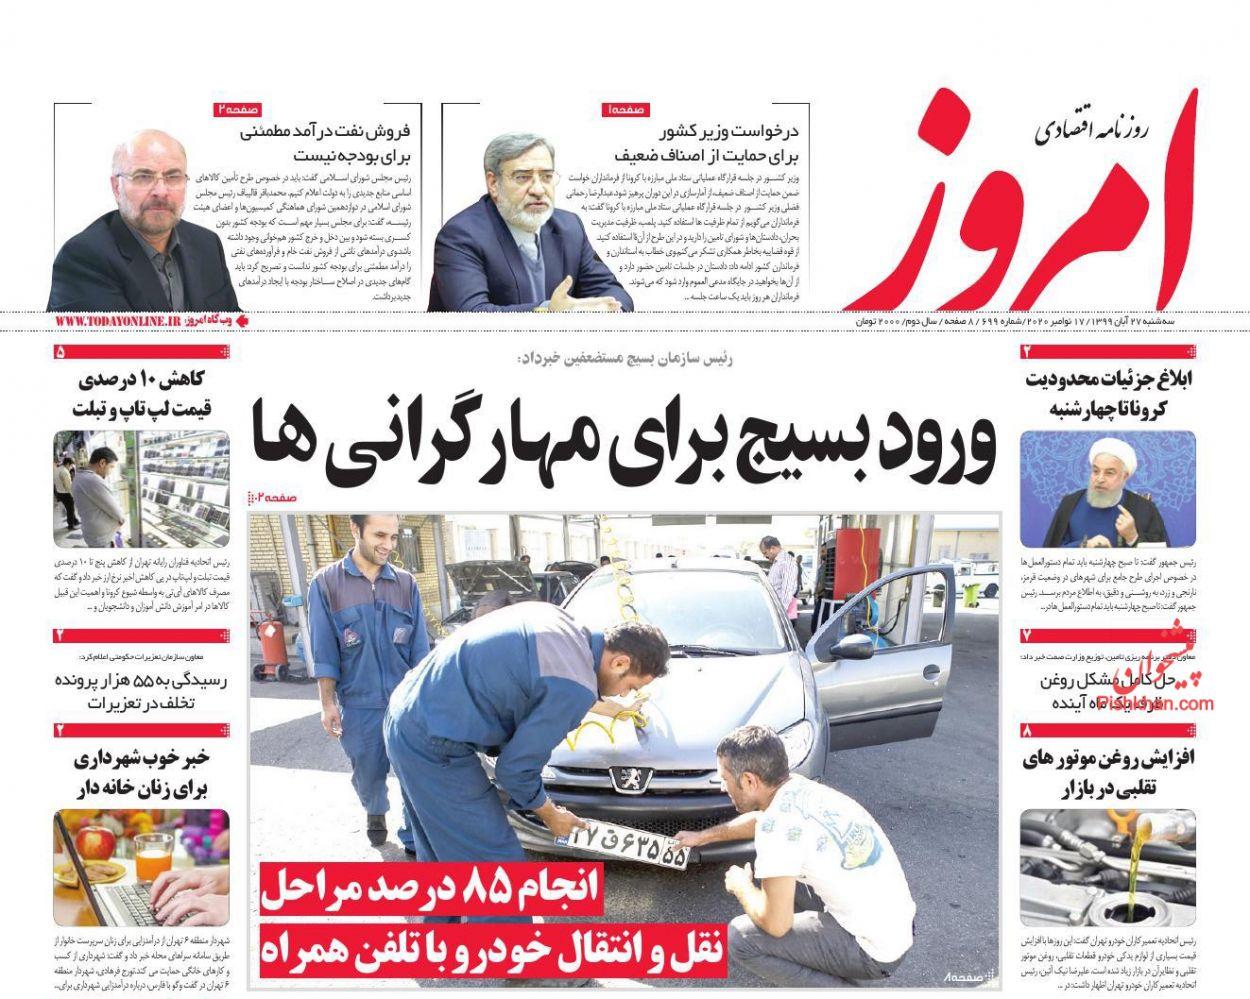 عناوین اخبار روزنامه امروز در روز سهشنبه ۲۷ آبان